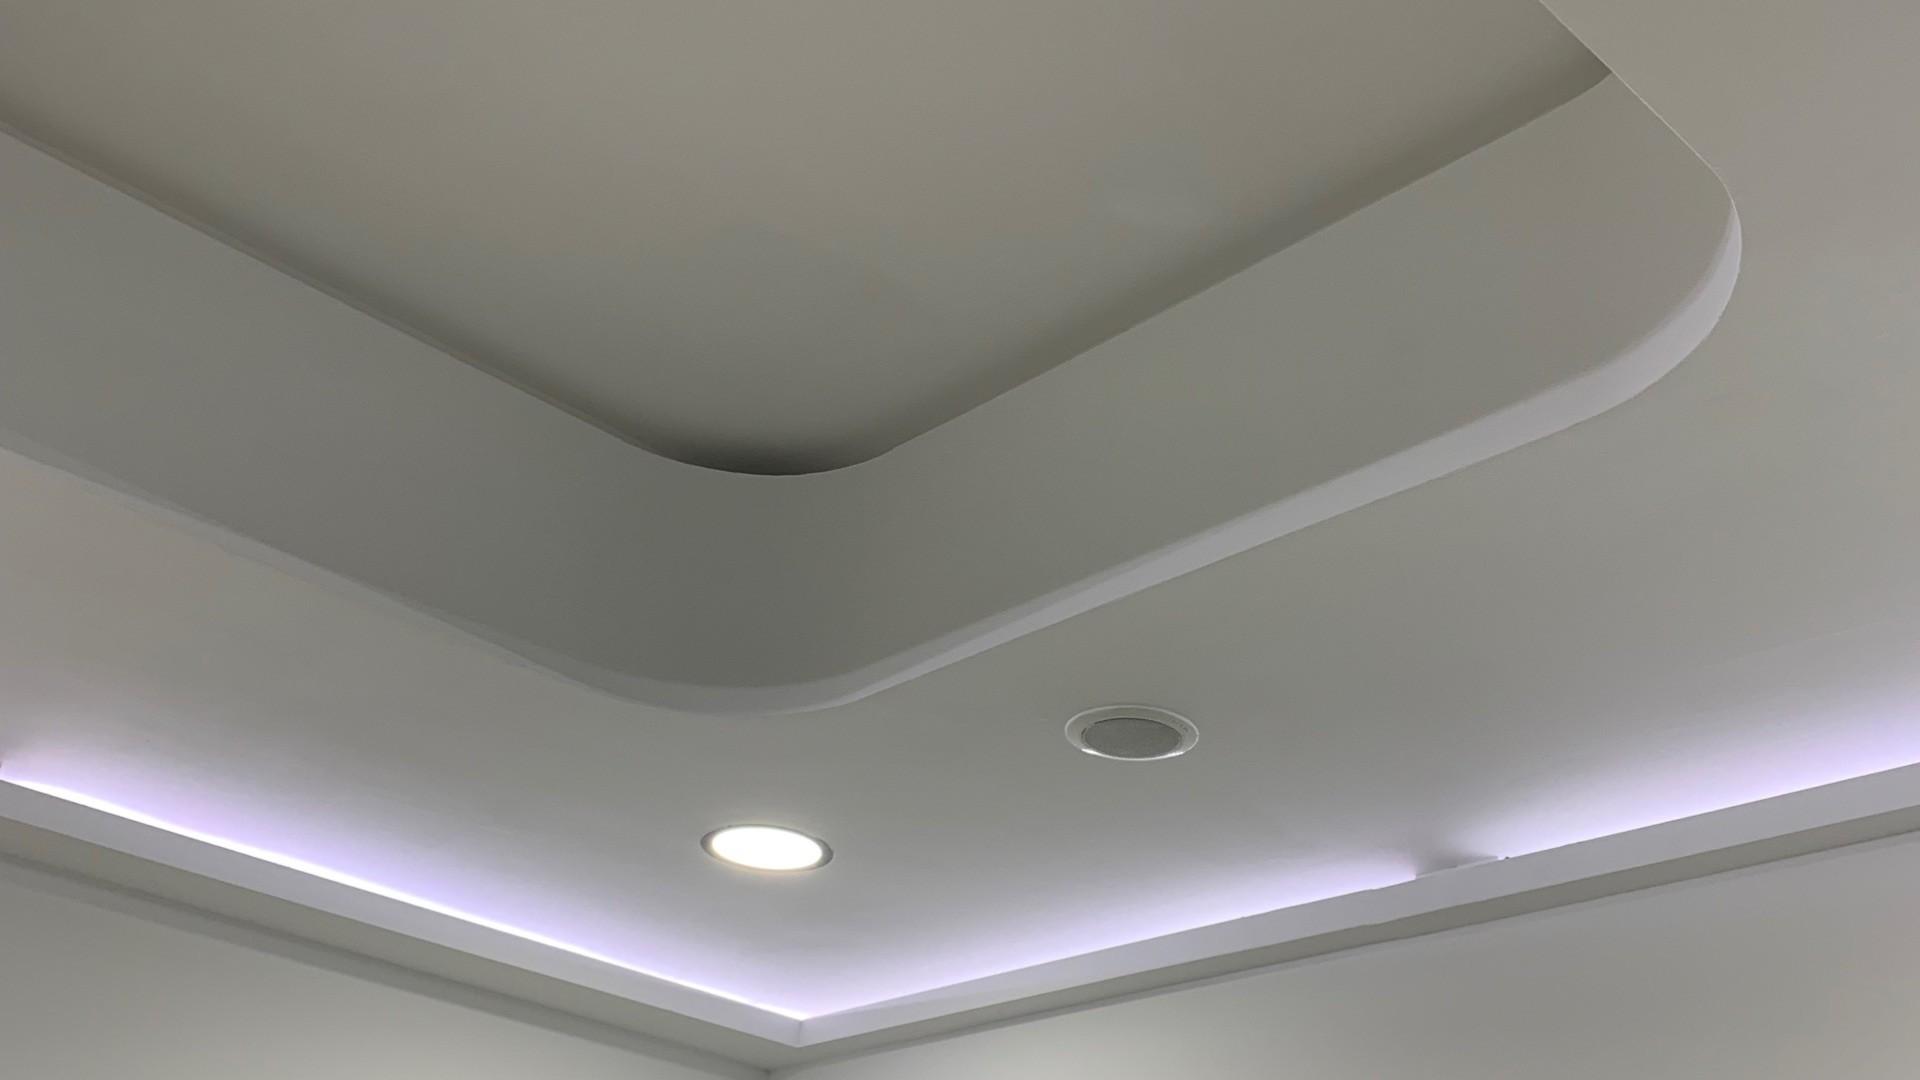 Trabajo realizado en clinica dental. techos decorativos